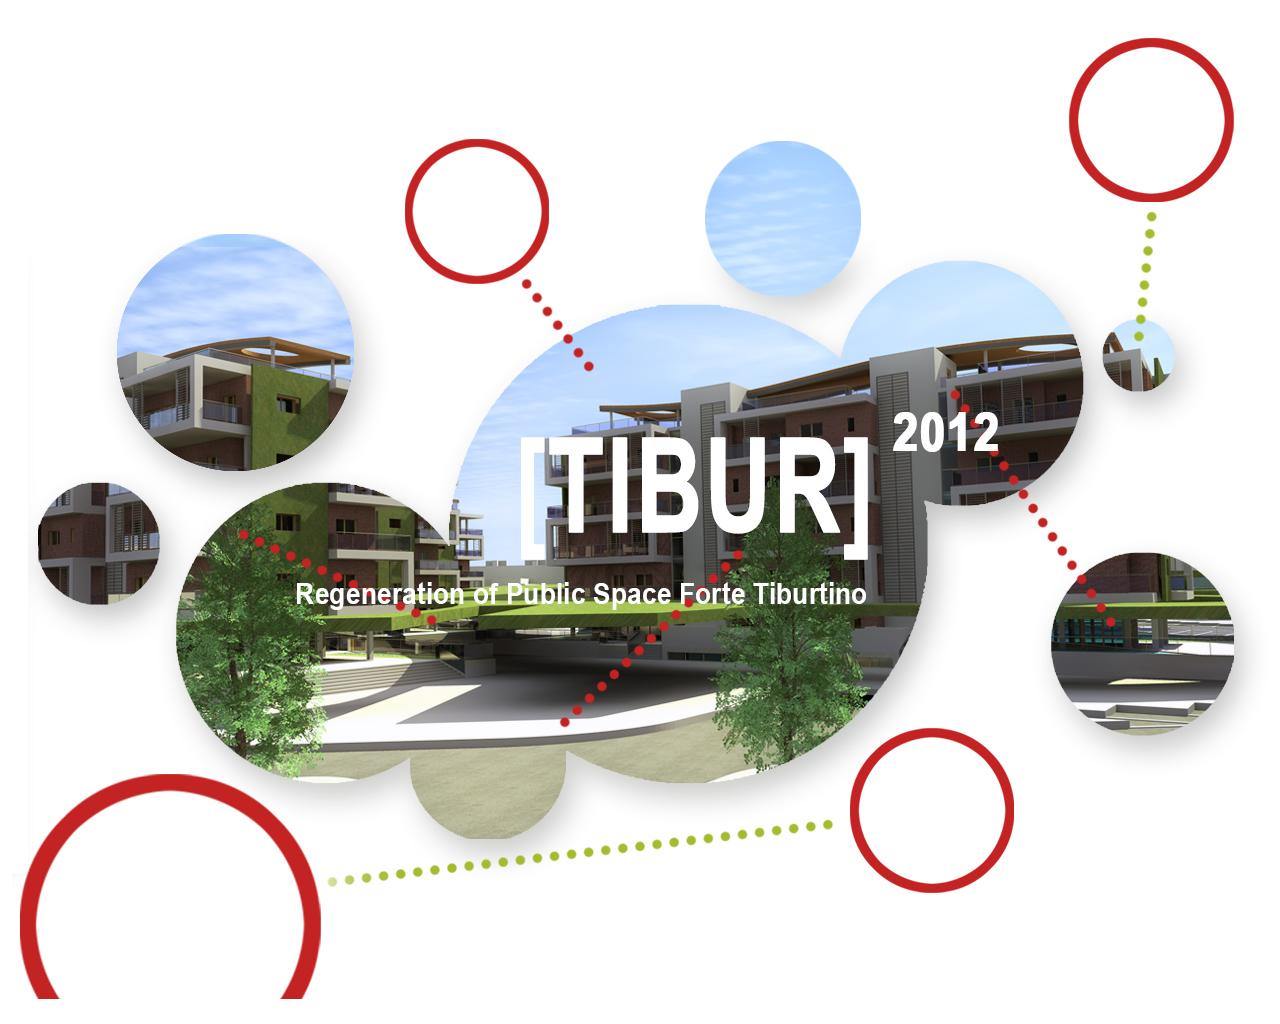 [TIBUR] Regeneration of public space Forte Tiburtino - © A. Pea